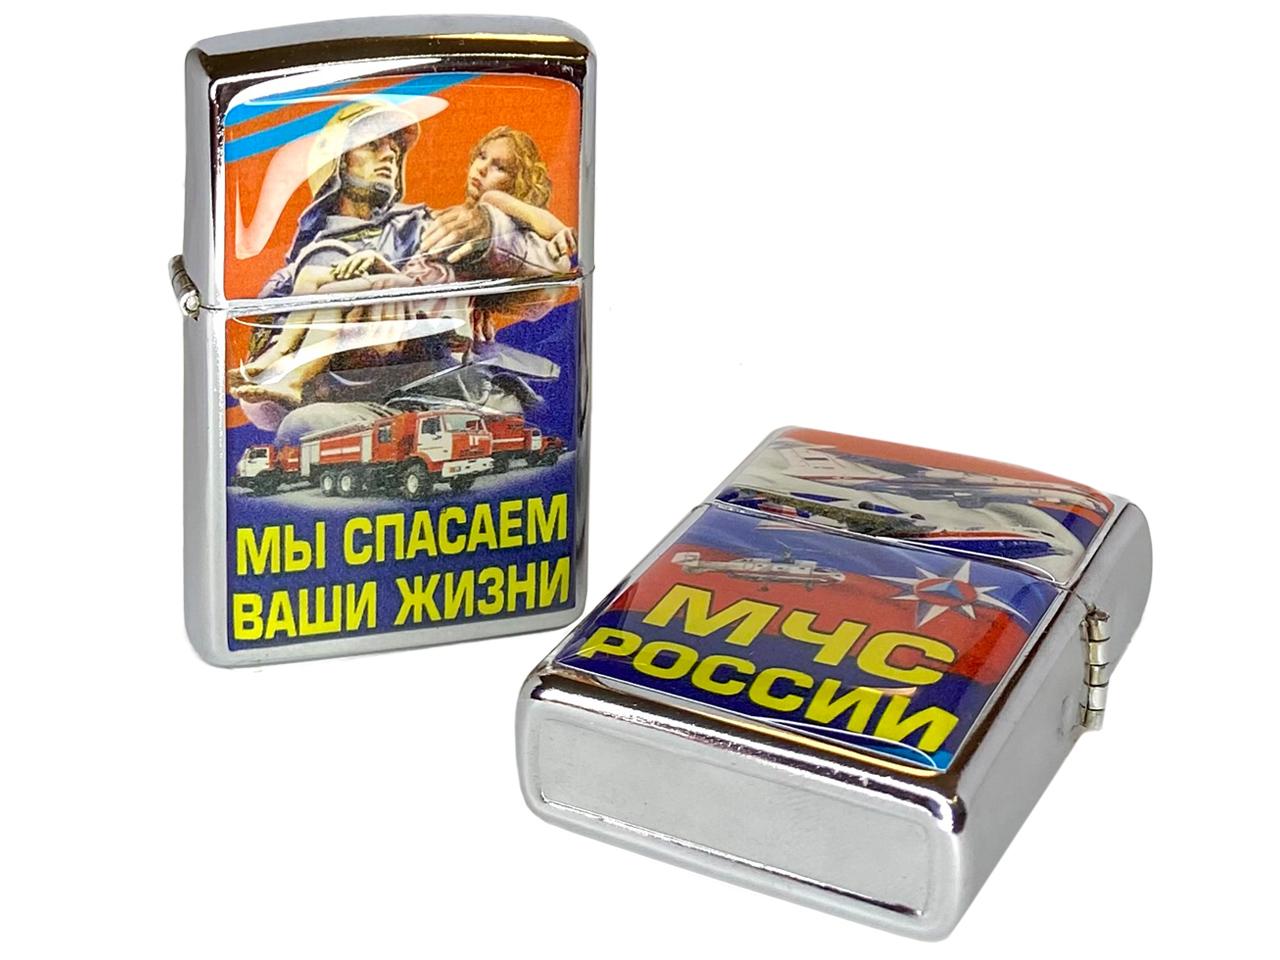 """Купить зажигалку """"Спасатель МЧС"""""""